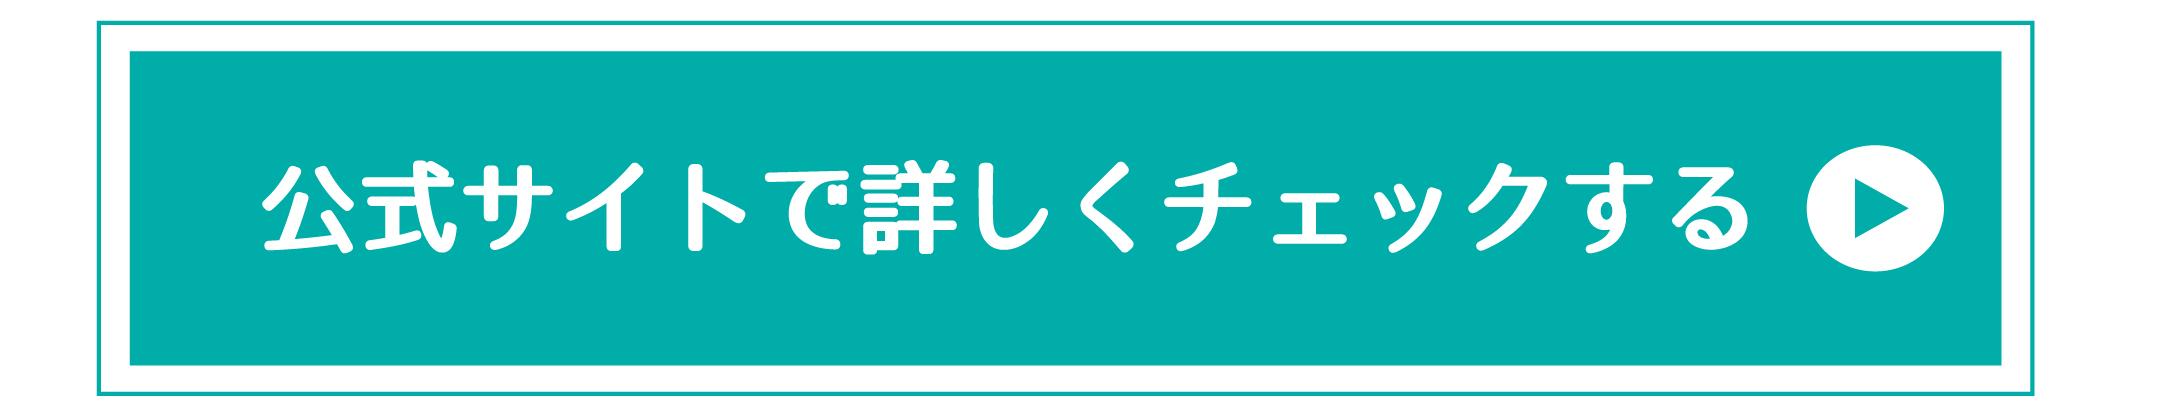 ピューレパール公式サイト